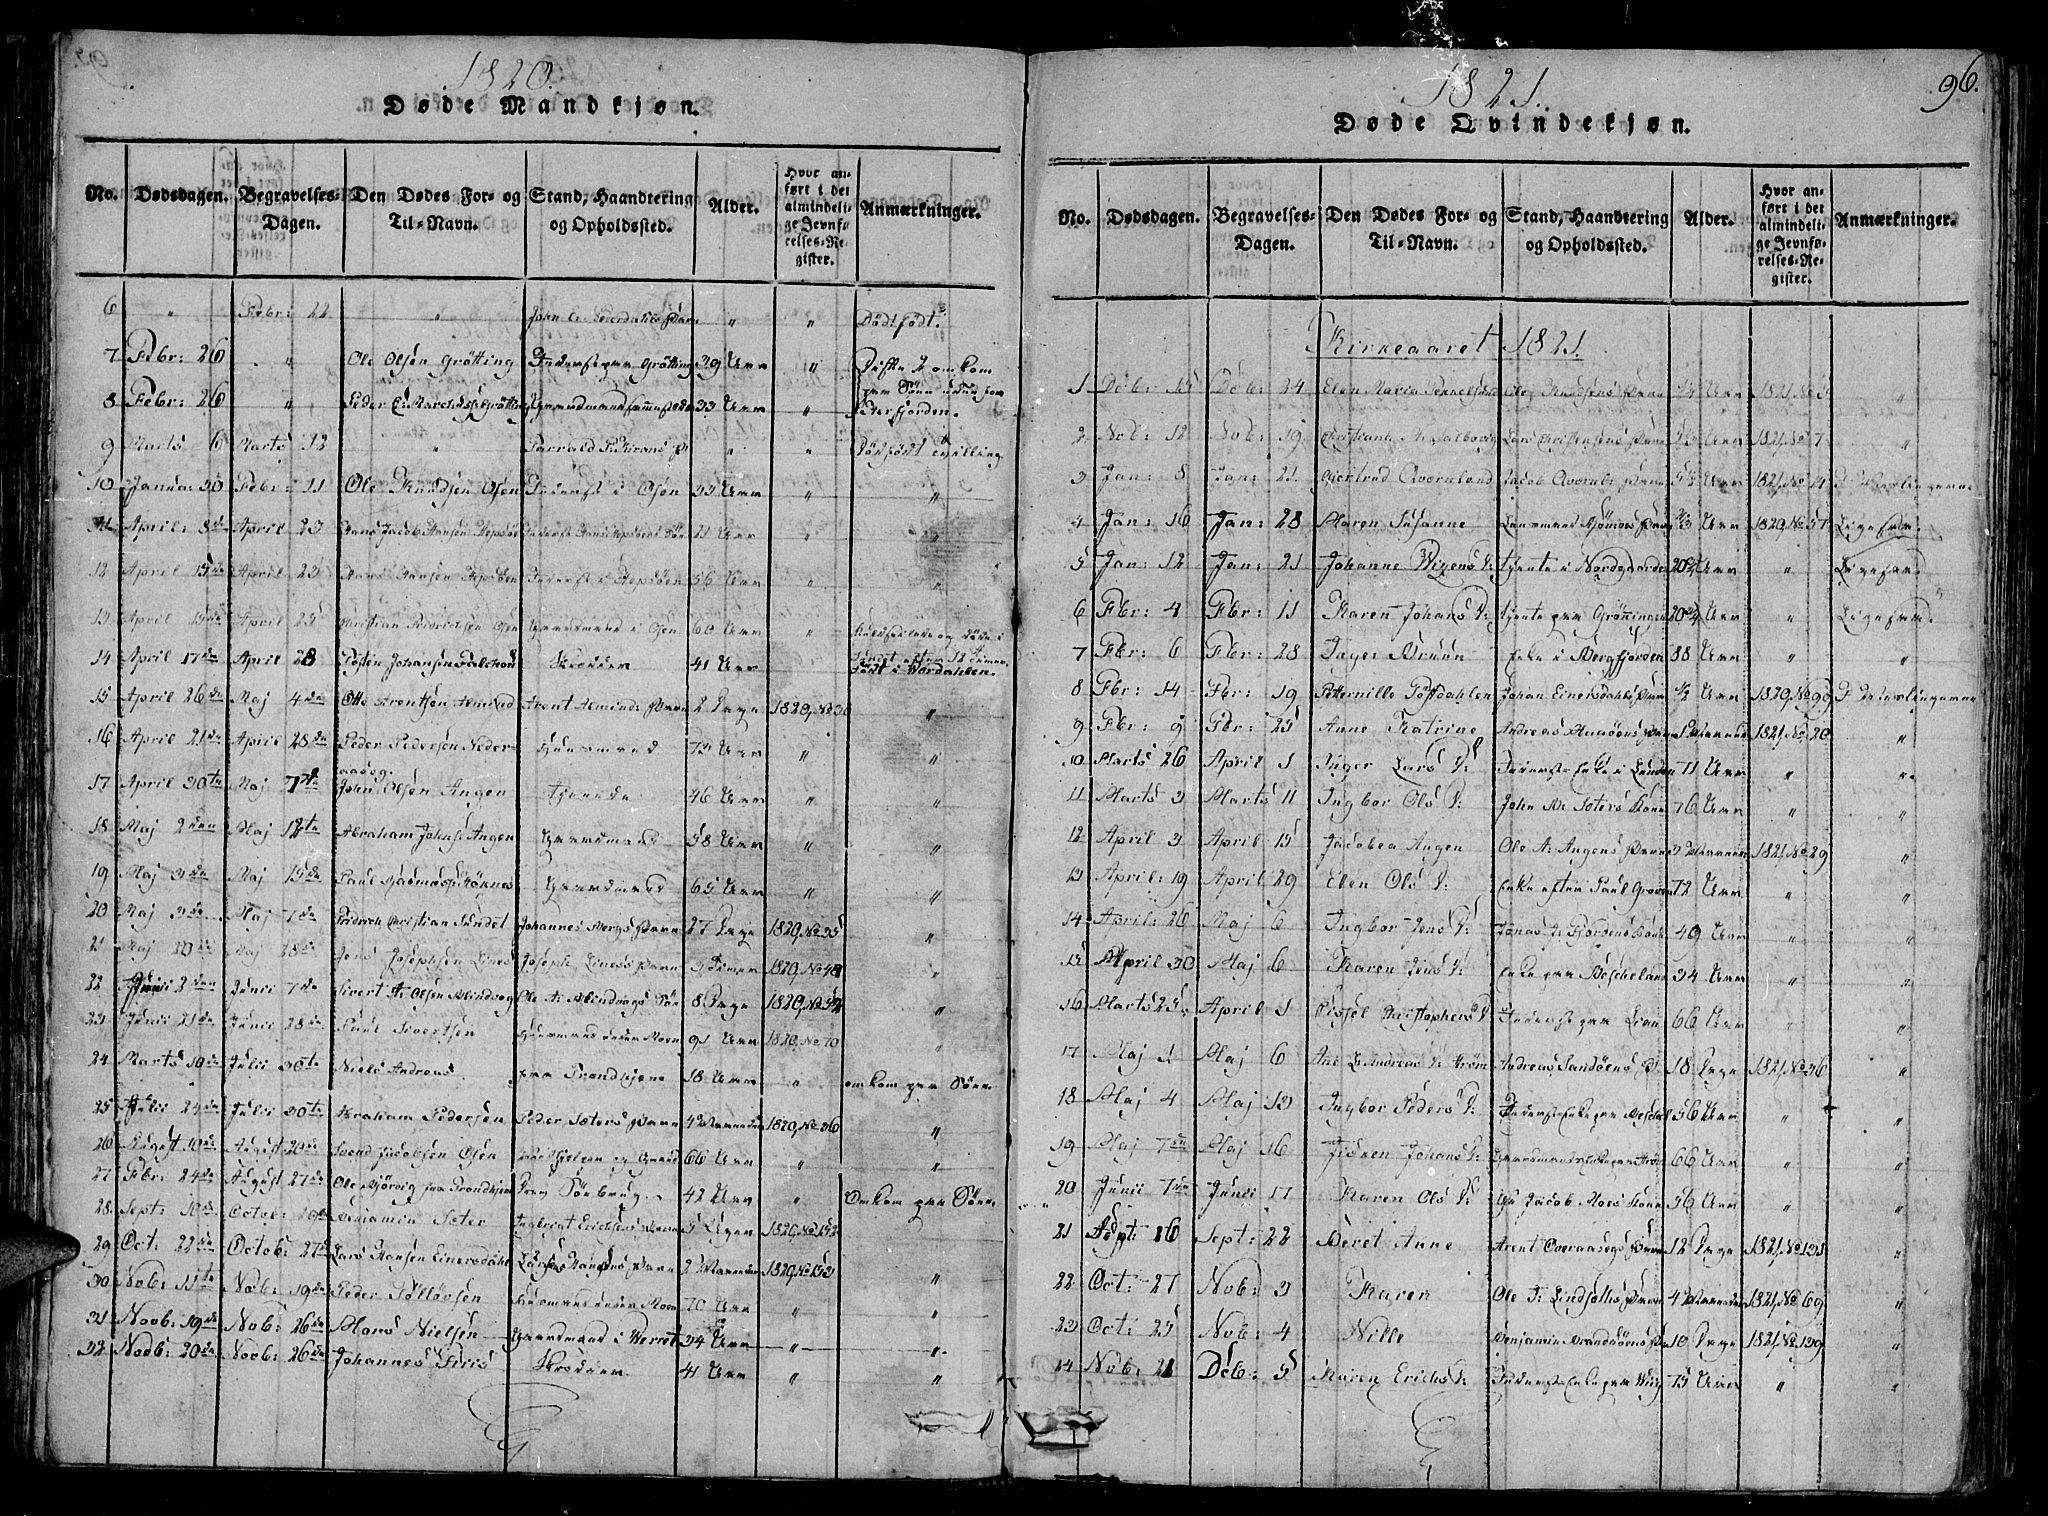 SAT, Ministerialprotokoller, klokkerbøker og fødselsregistre - Sør-Trøndelag, 657/L0702: Ministerialbok nr. 657A03, 1818-1831, s. 96